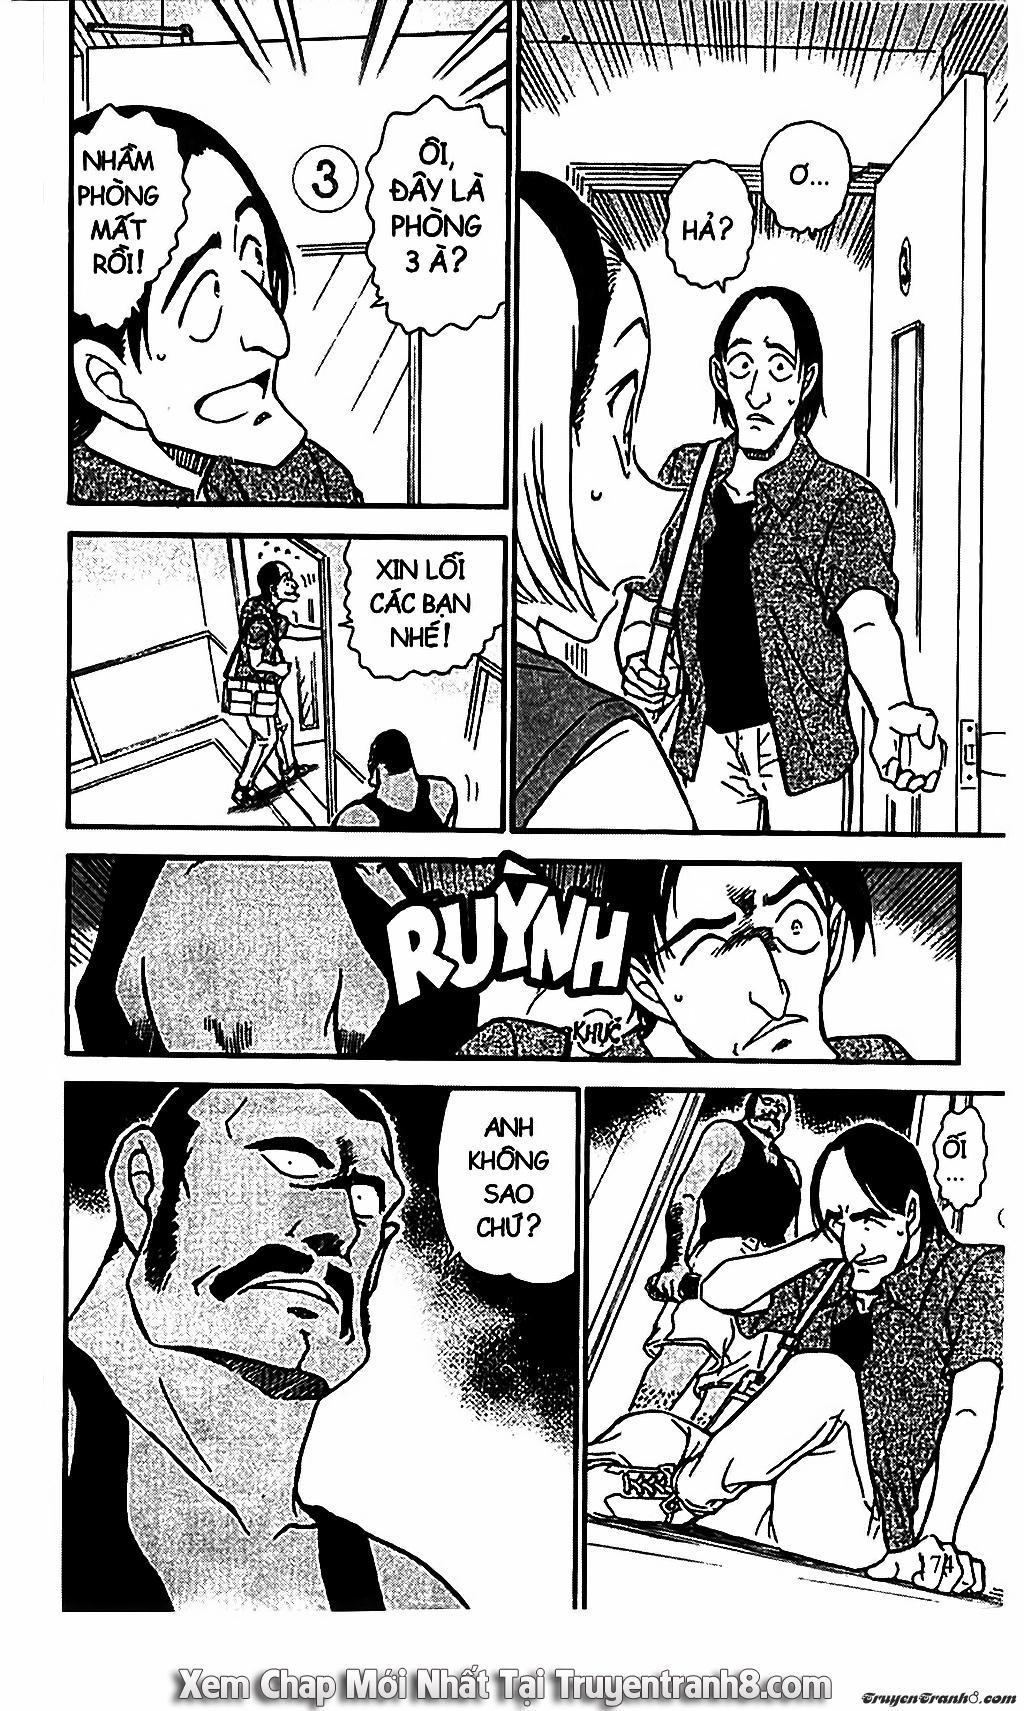 Thám Tử Lừng Danh Conan: Conan - thám tử lừng danh chap 619